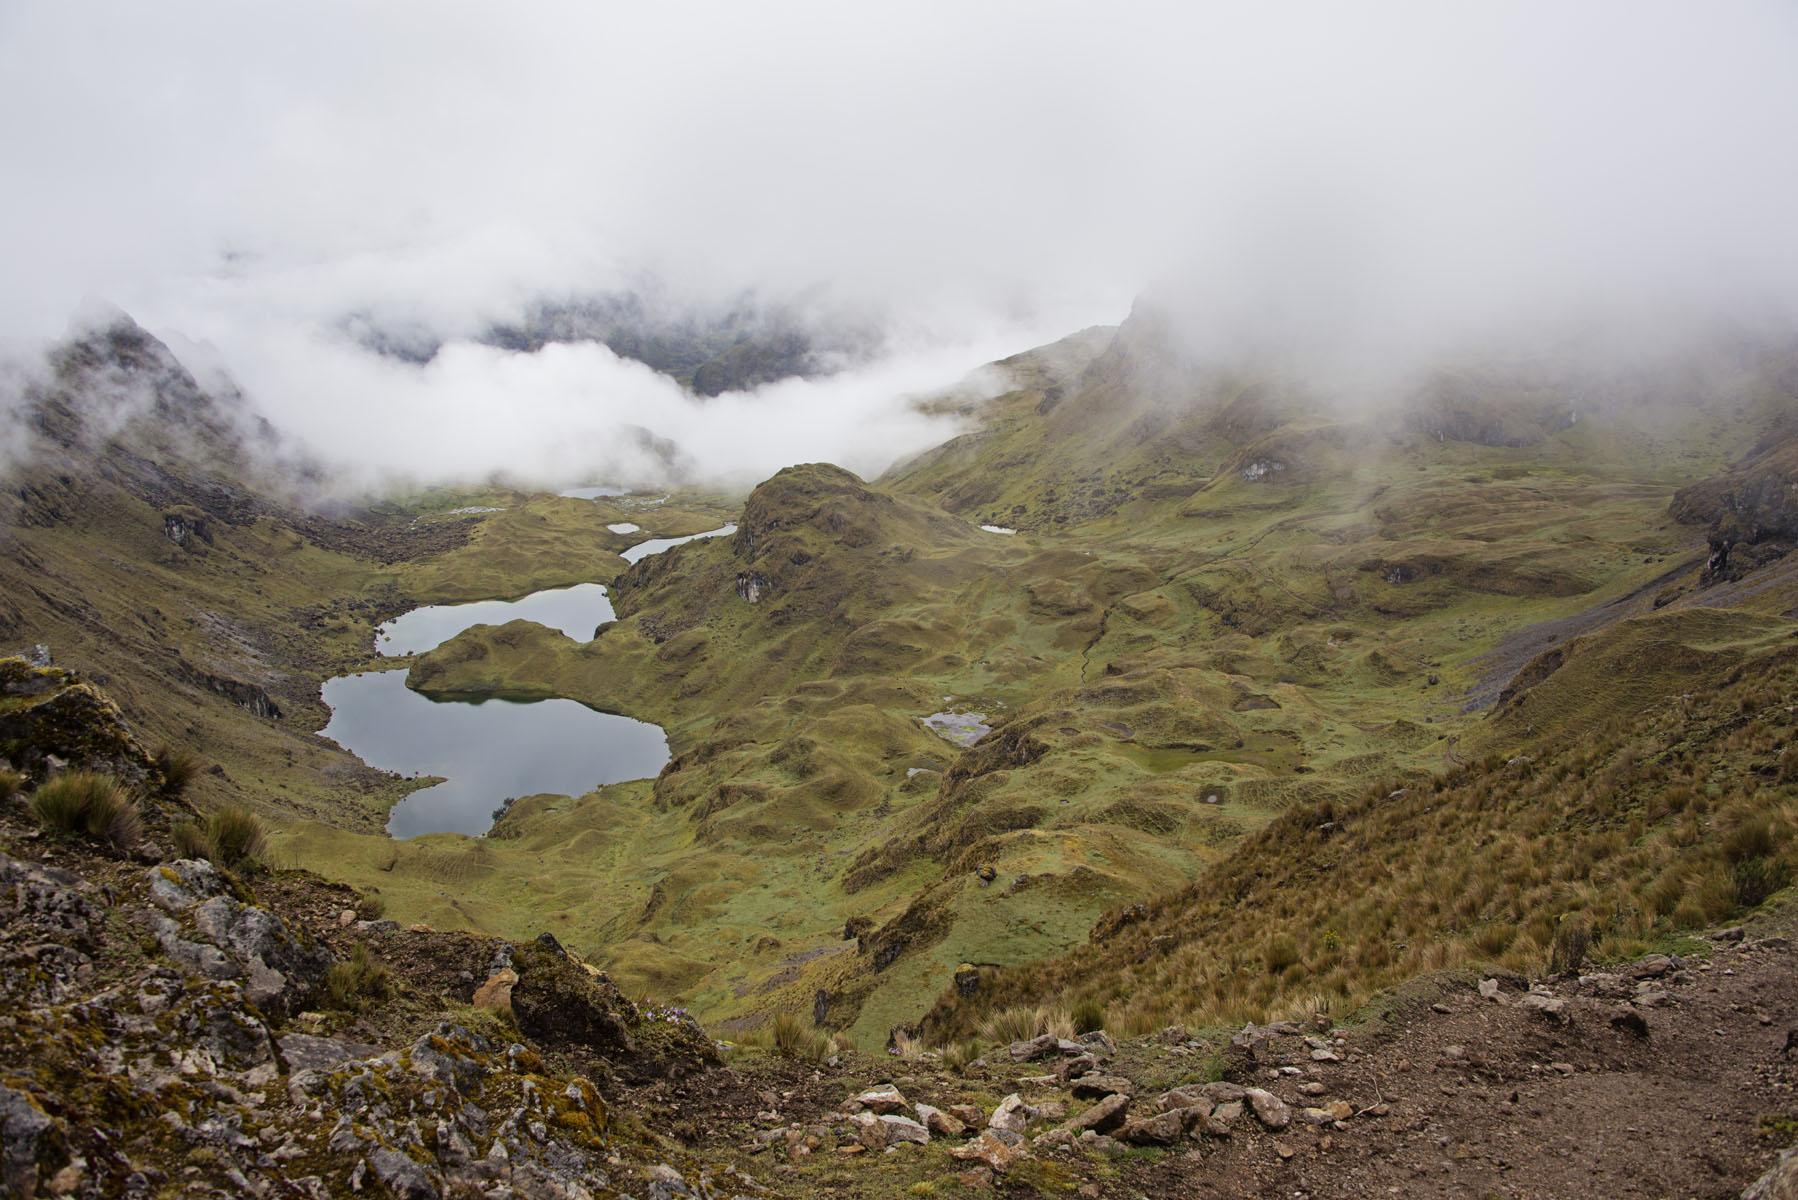 206-Peru-5-15_web.jpg